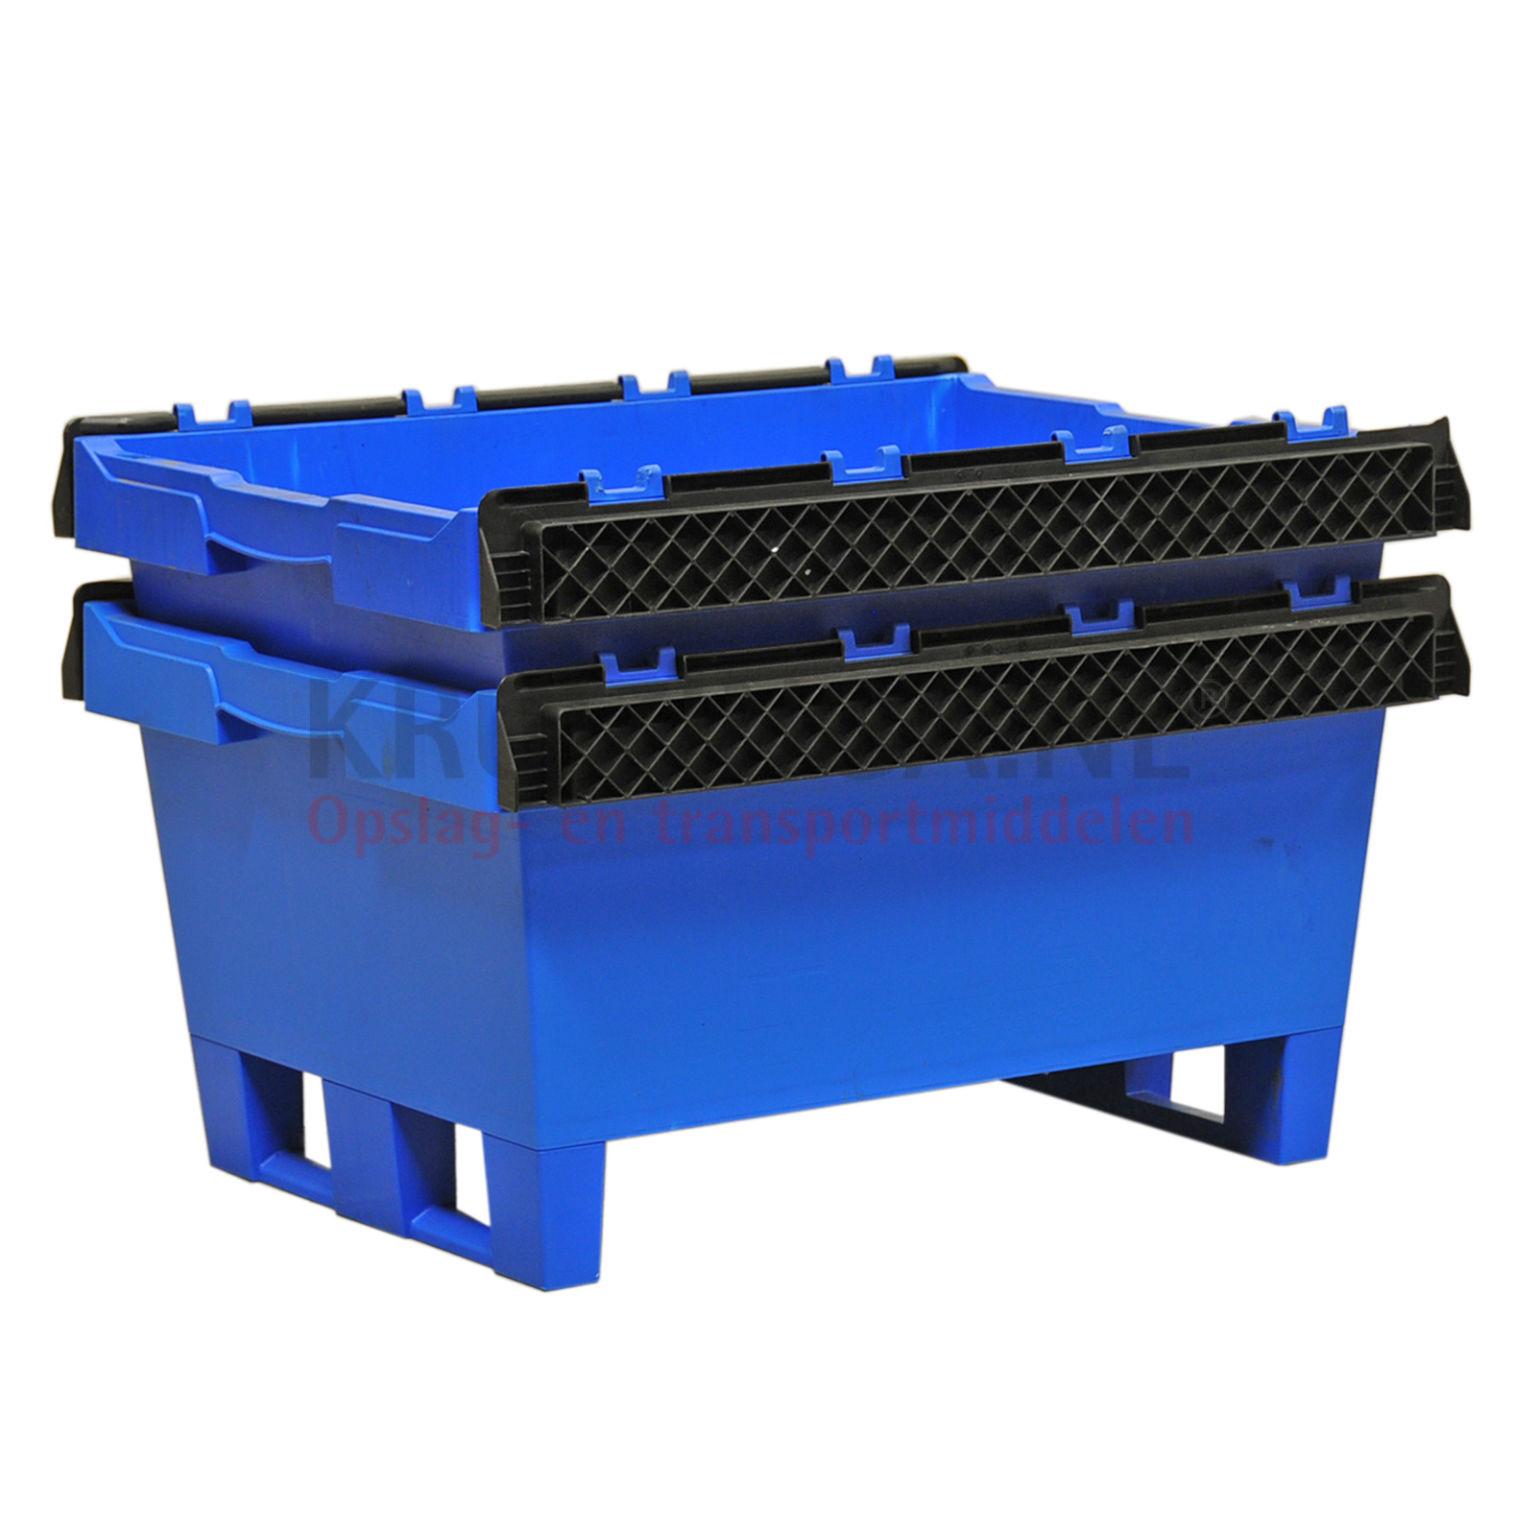 stapelboxen kunststoff schachtel und stapelbar alle w nde geschlossen gebraucht. Black Bedroom Furniture Sets. Home Design Ideas